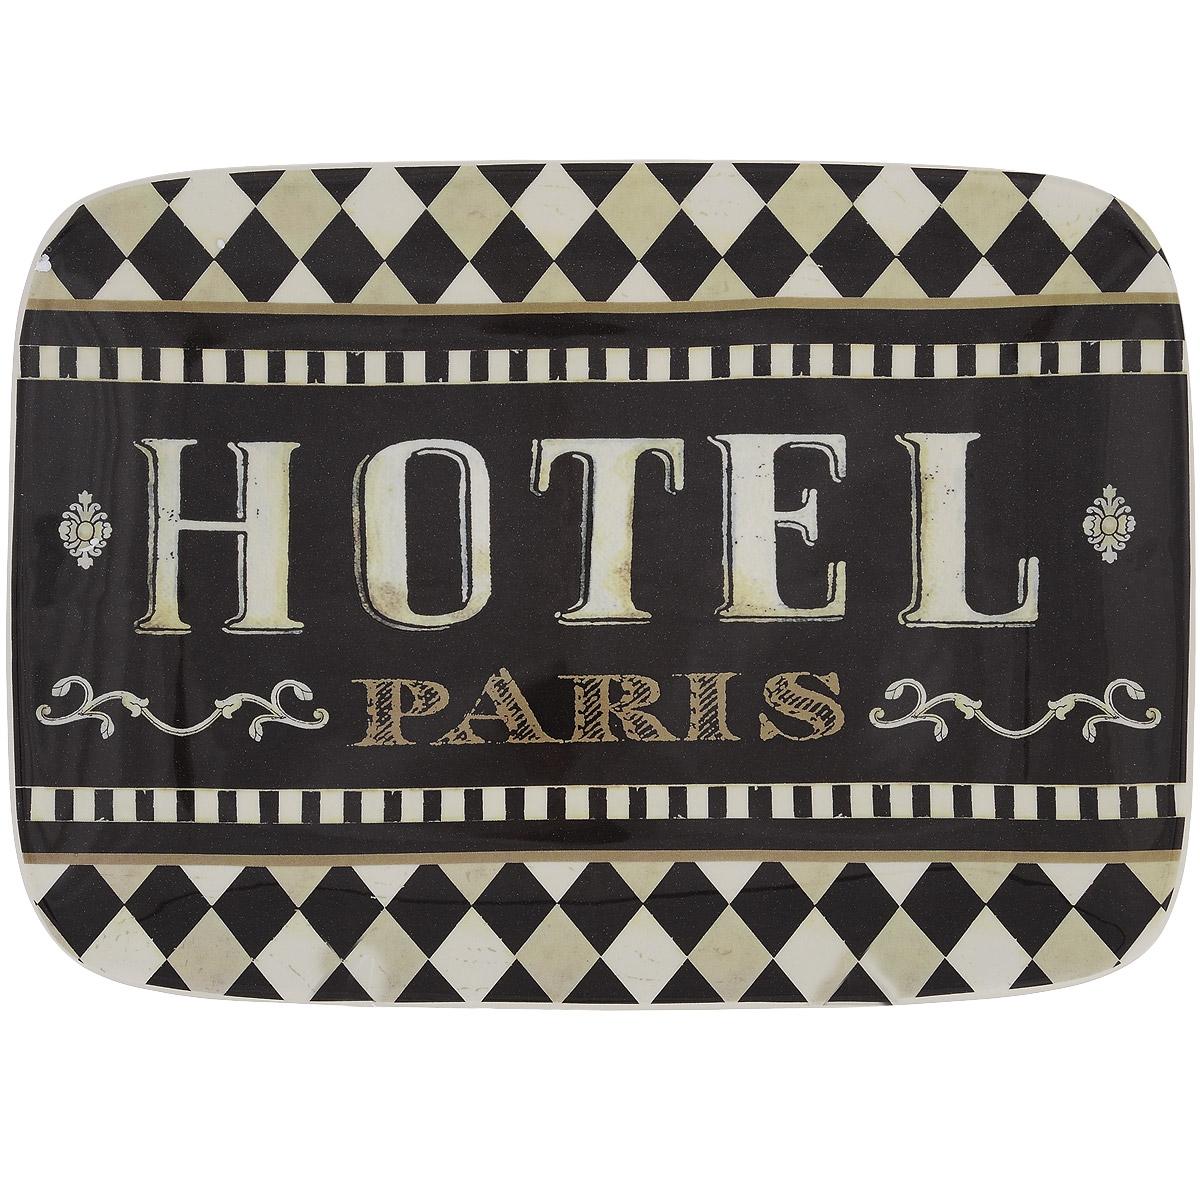 Блюдо Certified International Монмартр, 35 х 25 смVT-1520(SR)Прямоугольное блюдо Certified International выполнено из высококачественной глазурованной керамики, оформлено красочным принтом и надписью Hotel Paris. Керамику Certified International отличает практичность и высокое качество исполнения каждого изделия. Посуда расписана вручную и покрыта глазурью, выполнена из экологически чистых материалов, что обеспечивает сохранение отменного вкуса каждого блюда и его длительное хранение. Эта керамическая посуда химически инертна, не вступает в реакцию с пищей, не выделяет вредных веществ при перегреве. Можно использовать в микроволновой печи и мыть в посудомоечной машине.